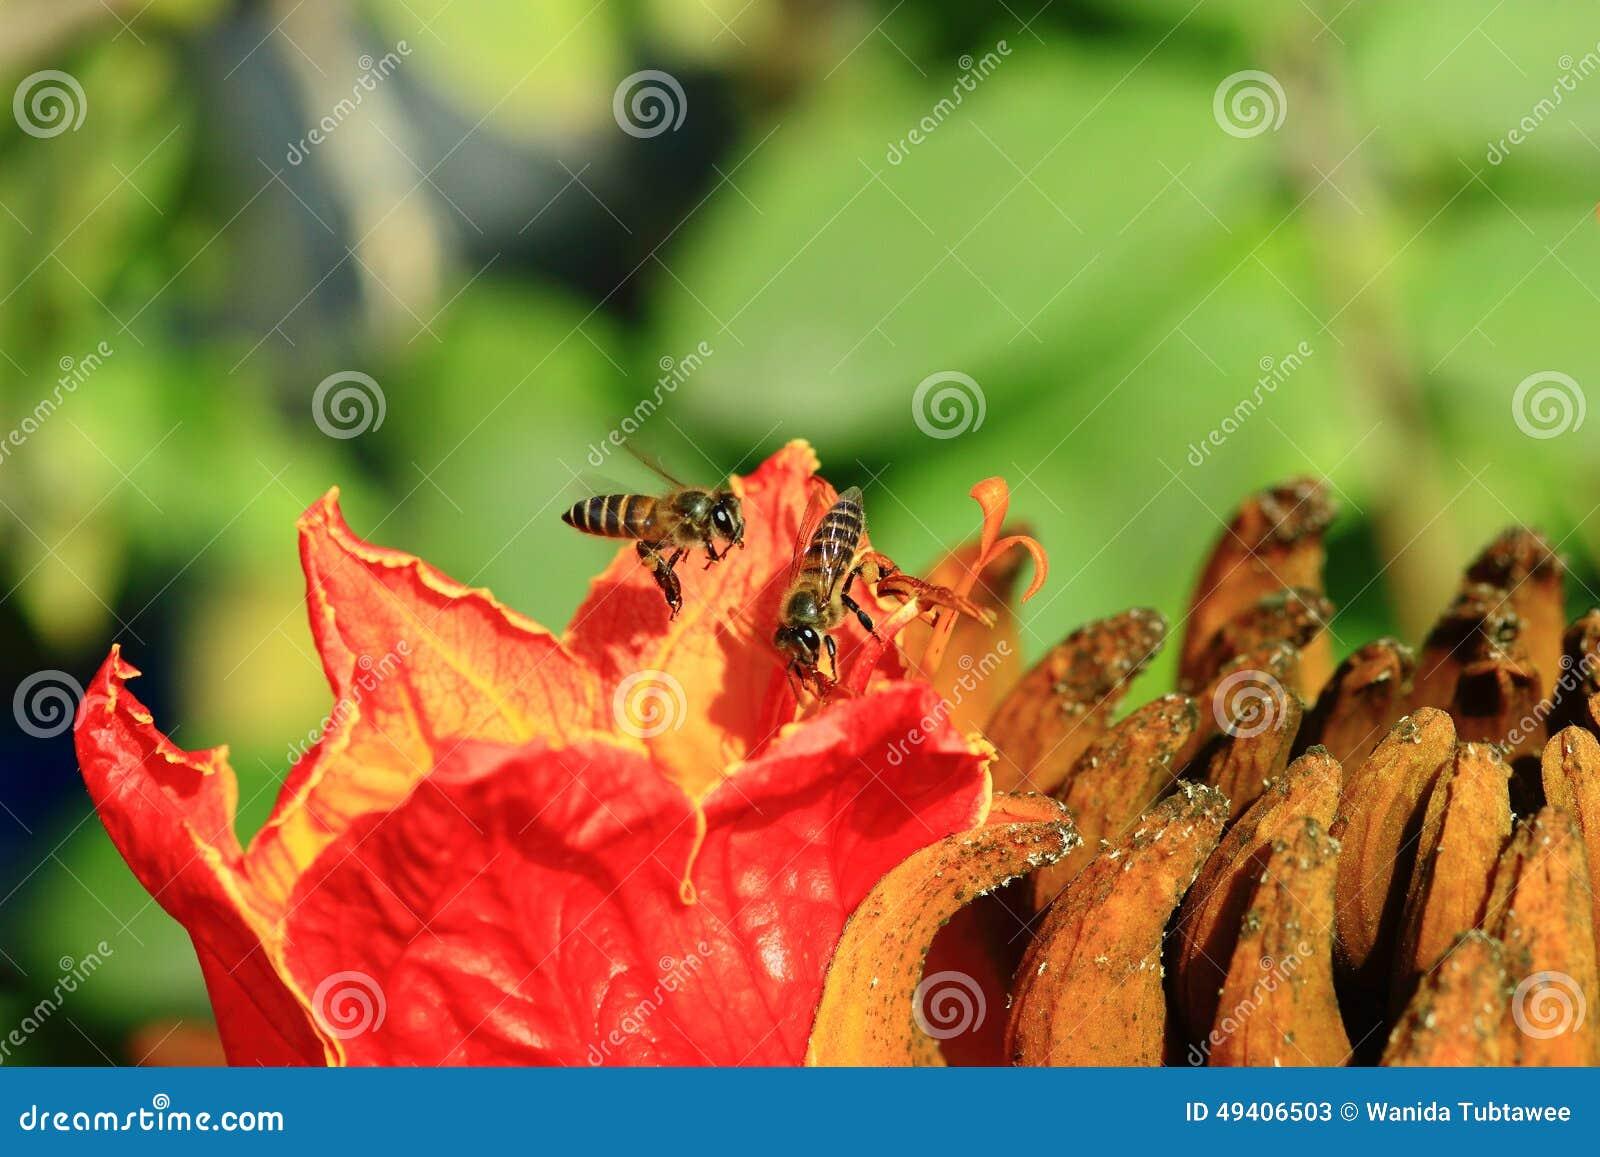 Download Bienen Und Blumen Sind Schön Stockbild - Bild von blume, frisch: 49406503